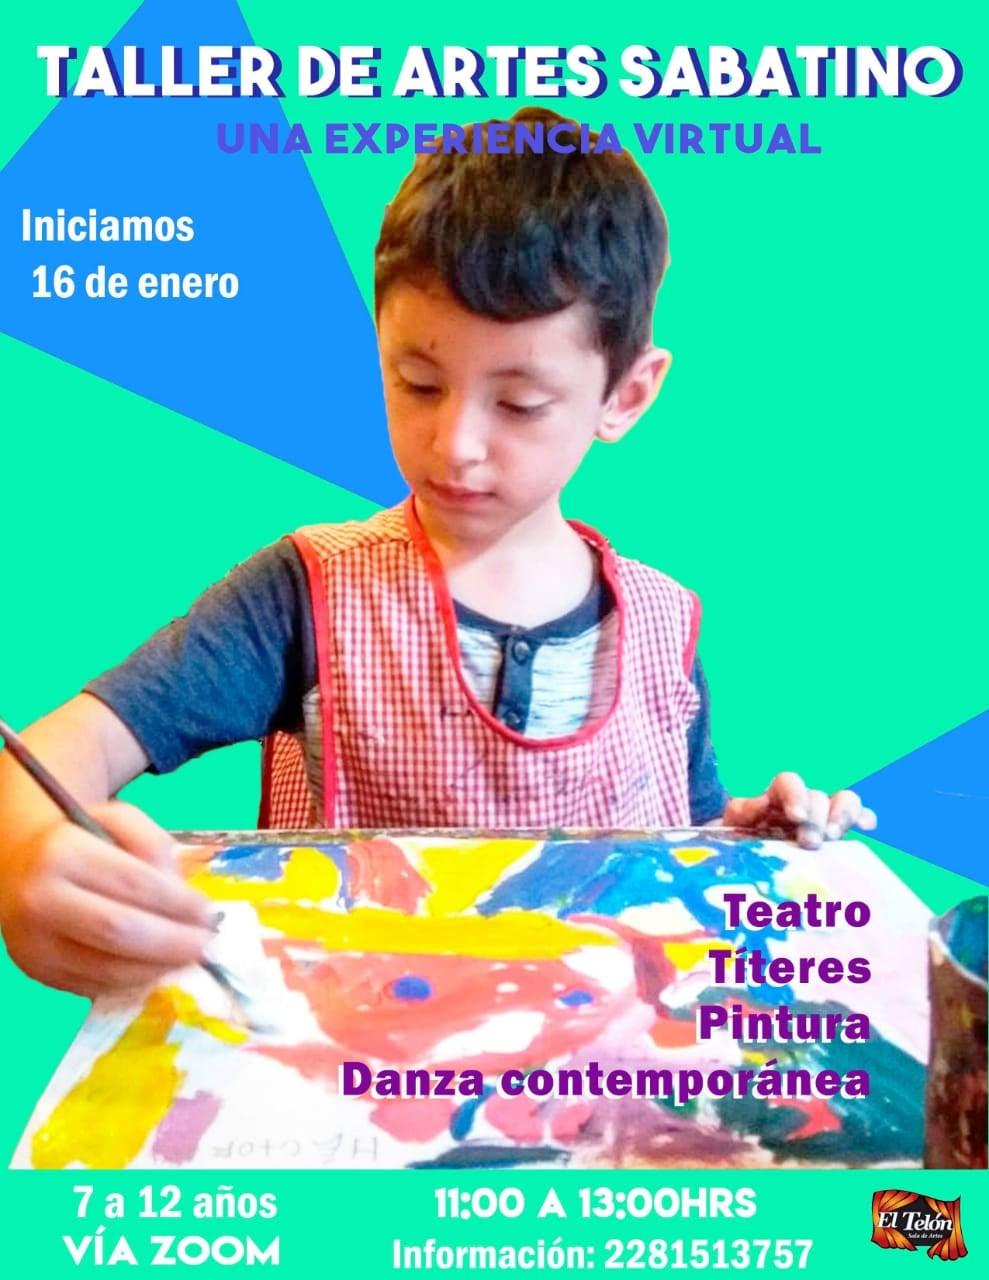 Invitan a los talleres virtuales impartidos por la Subdirección de Cultura de Xalapa